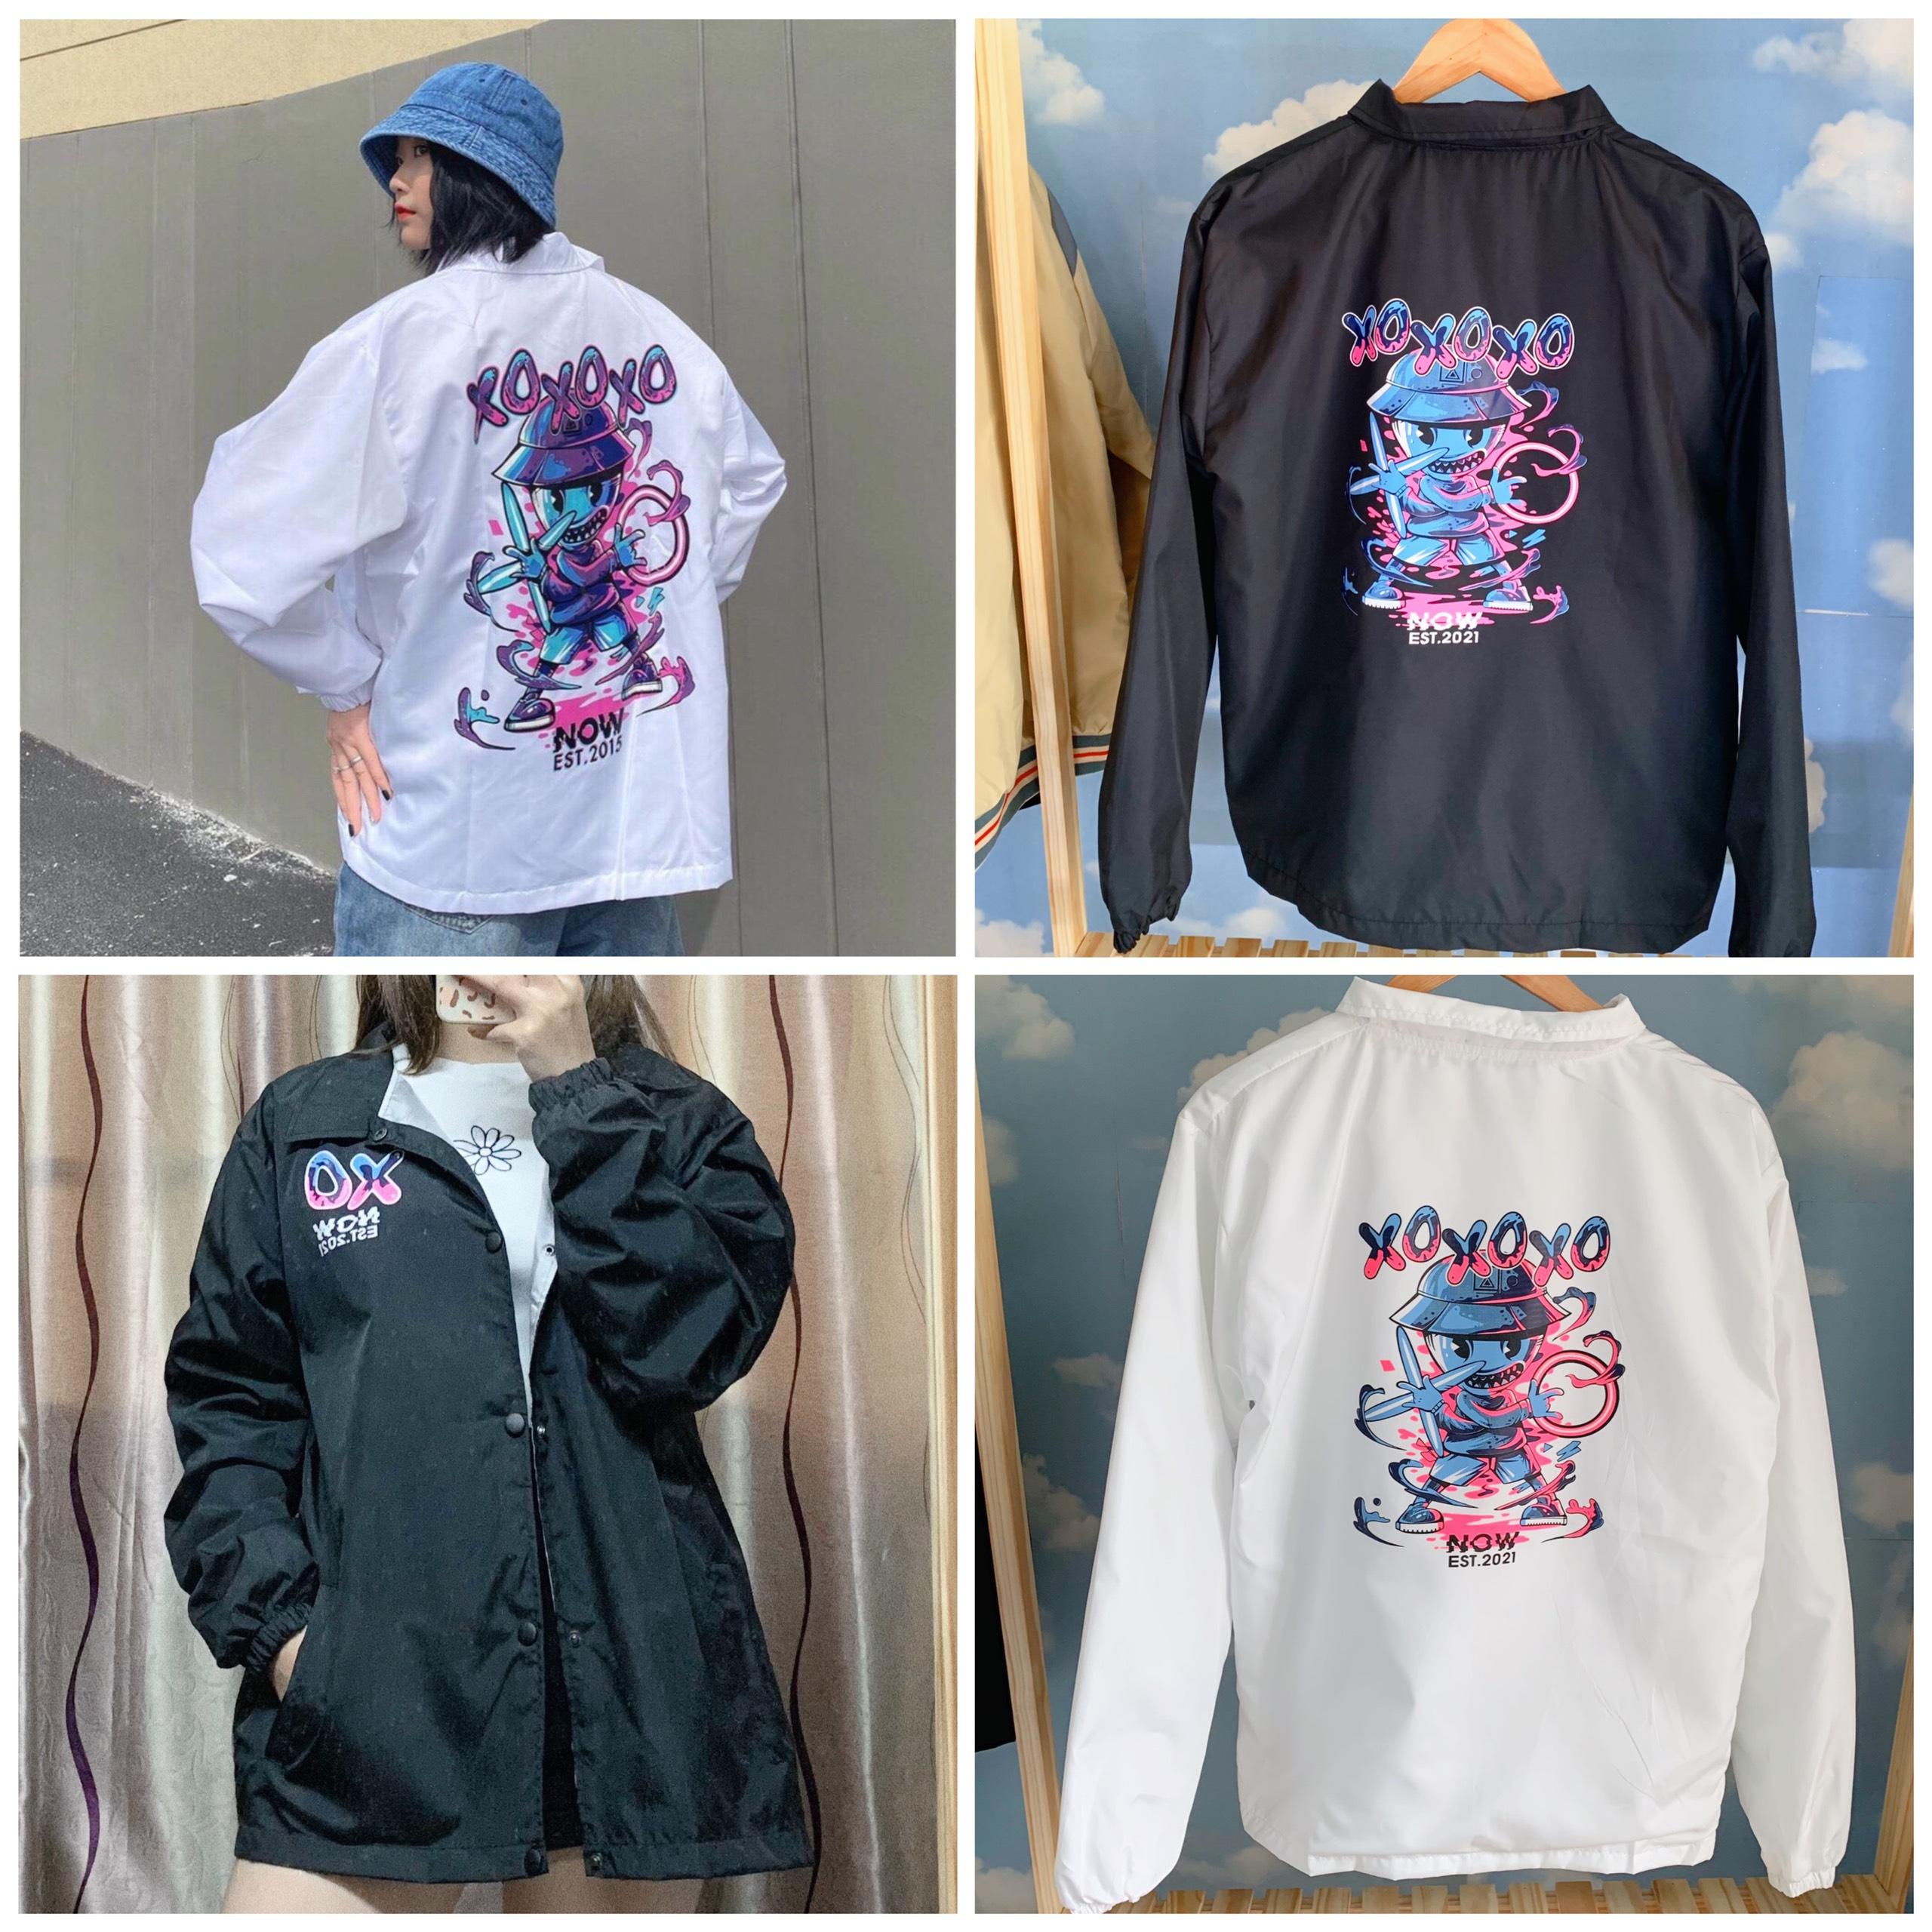 Áo Khoác Dù Jacket Unisex Form Rộng 2 Lớp Nam Nữ  XO.XO Trắng, Đen (Kèm ảnh thật Shop tự chụp)